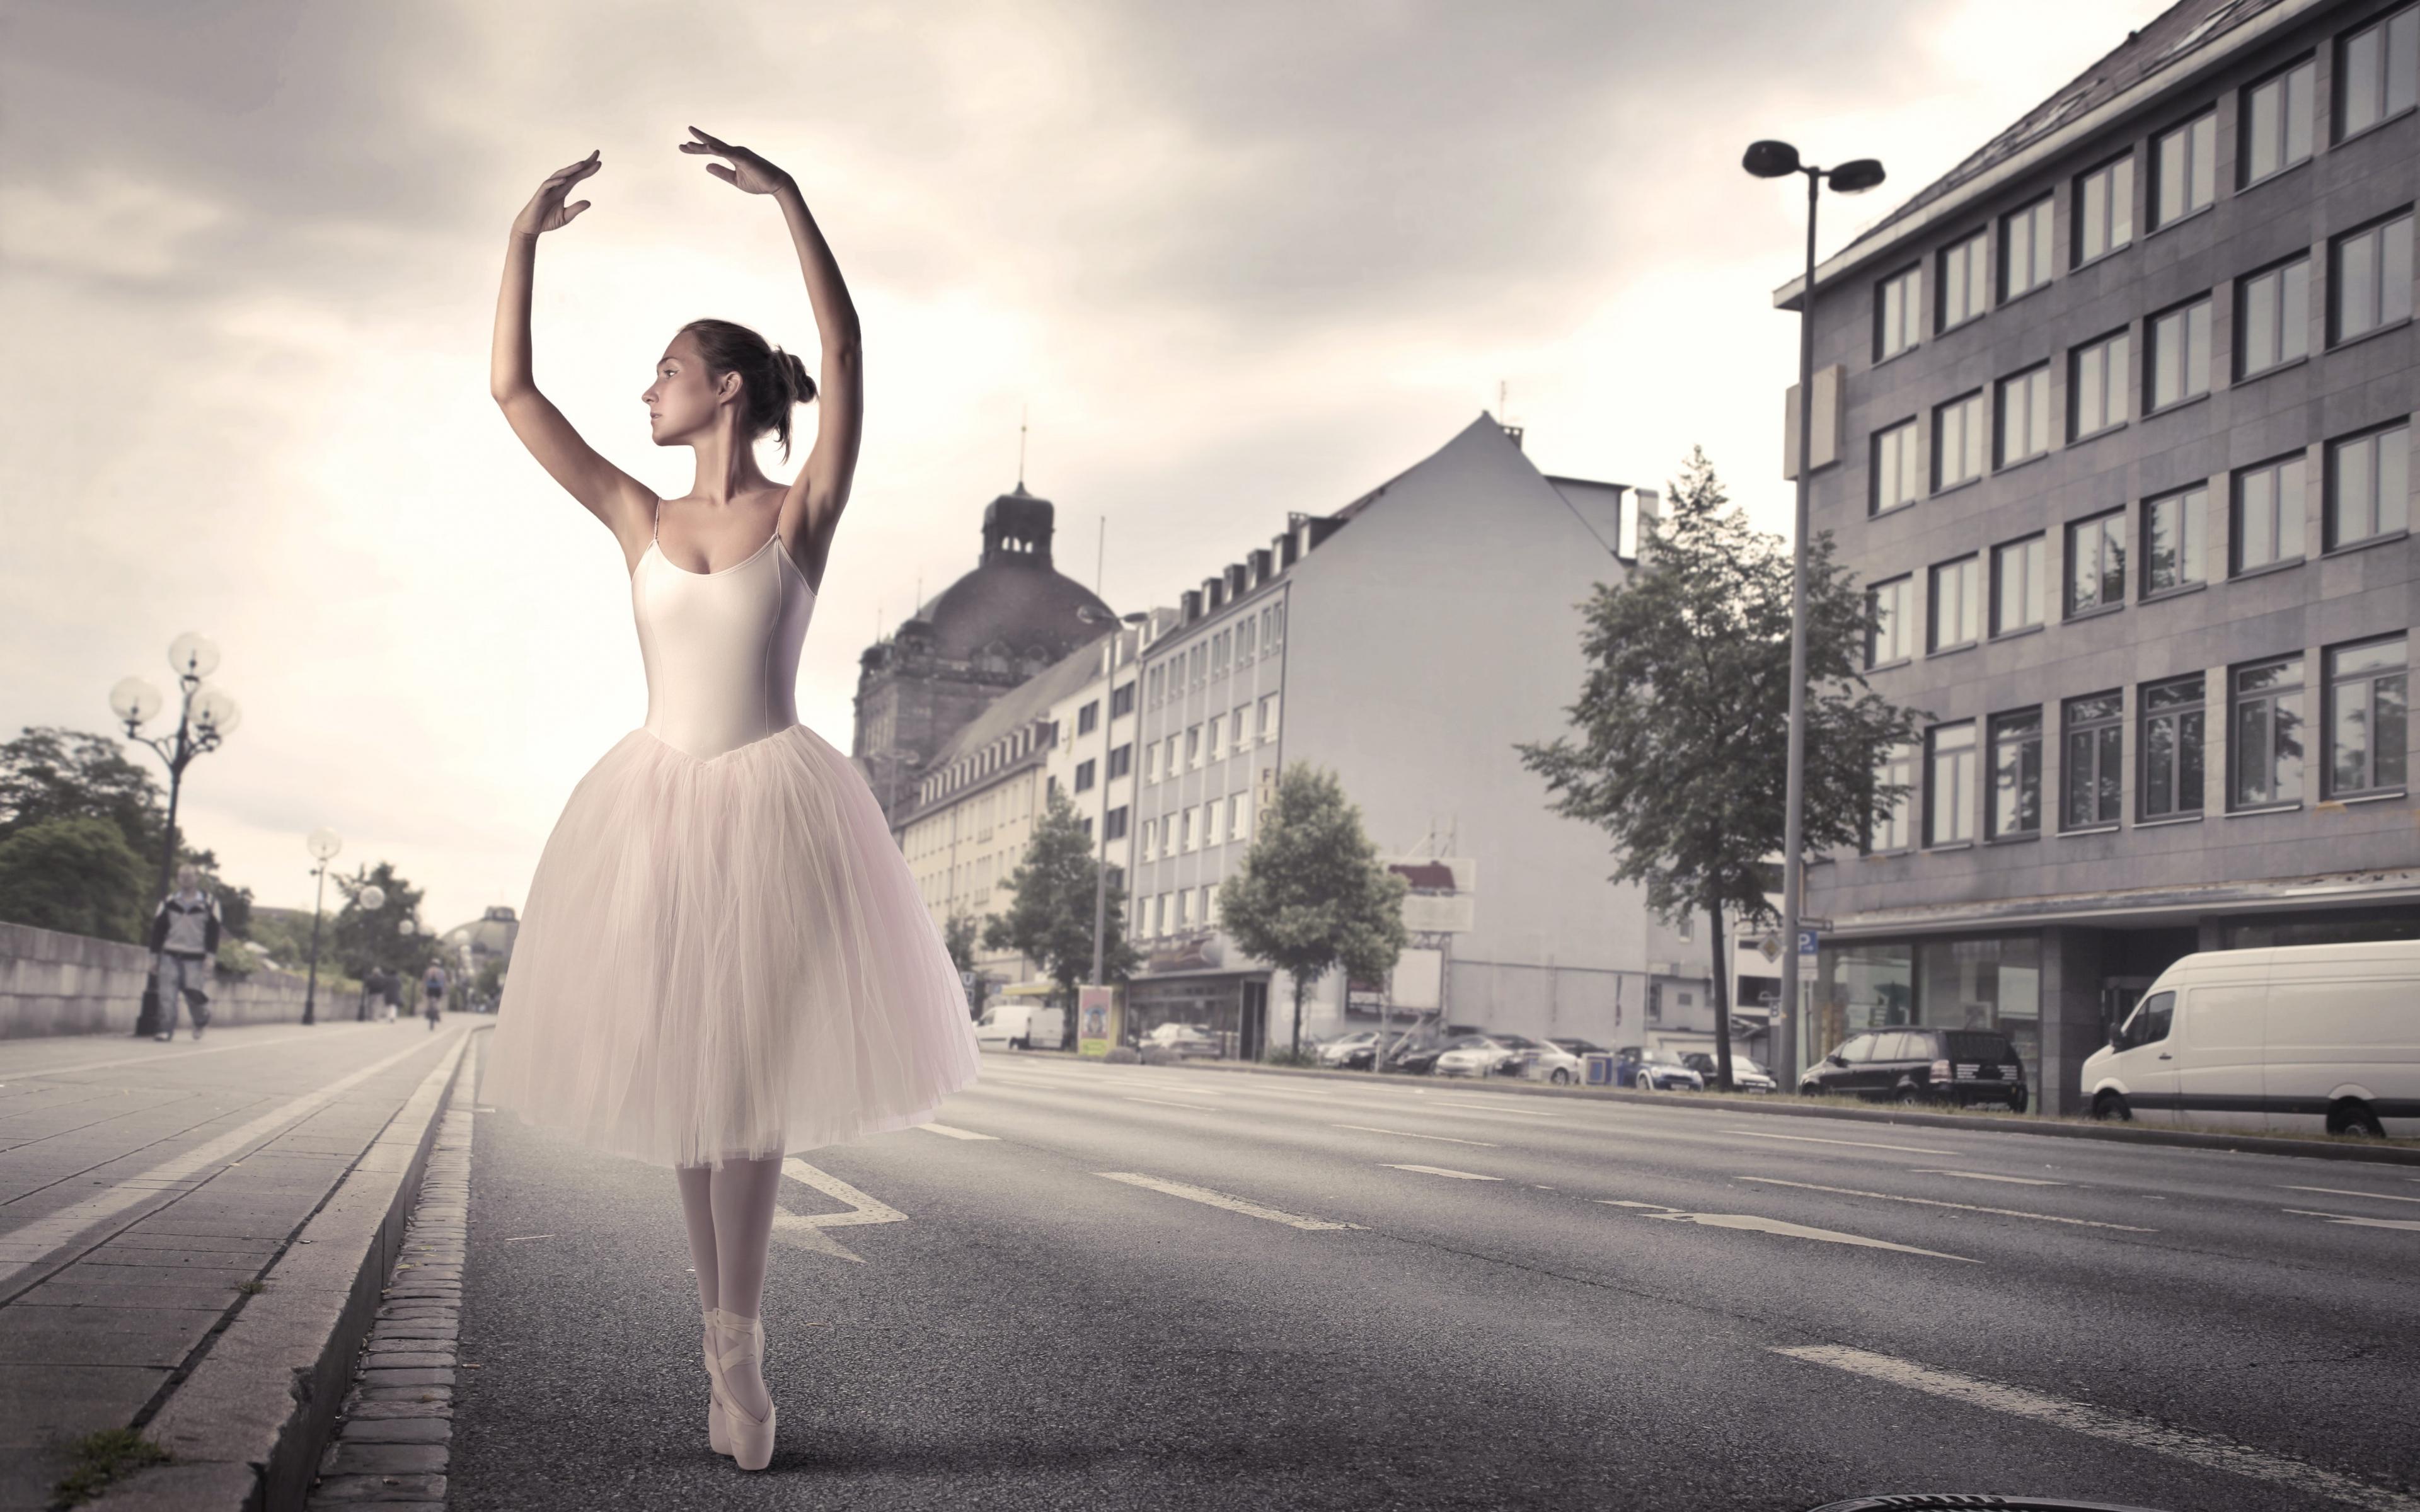 Black And White Ballet Wallpaper 1080p Festival Wallpaper 3840x2400